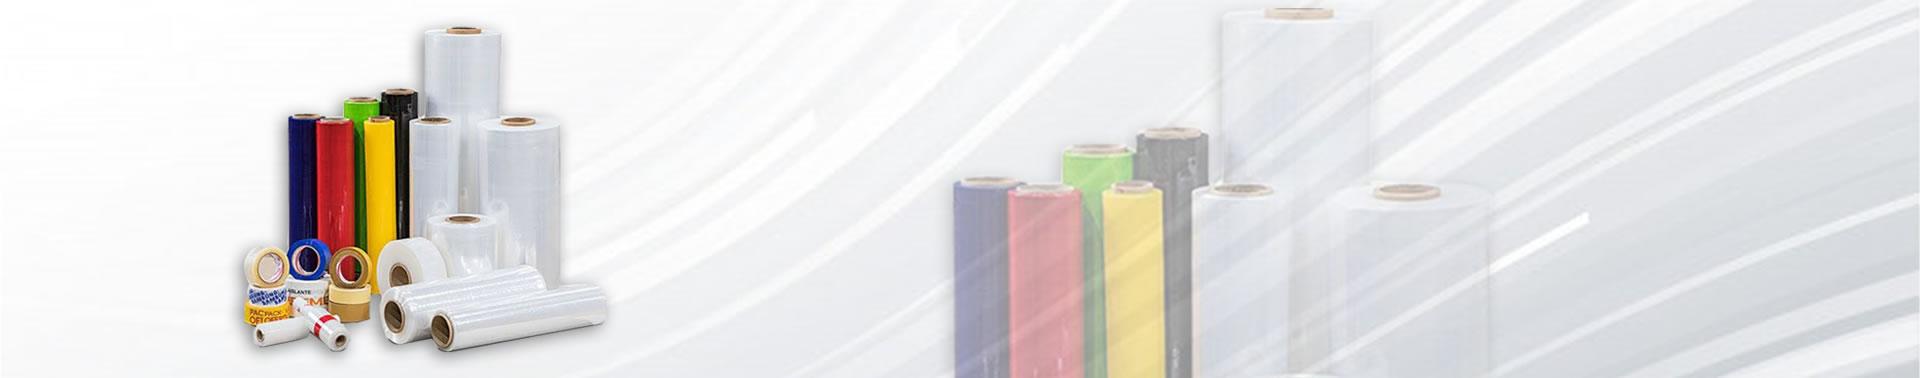 promociones de productos en stretch film y cintas de embalaje